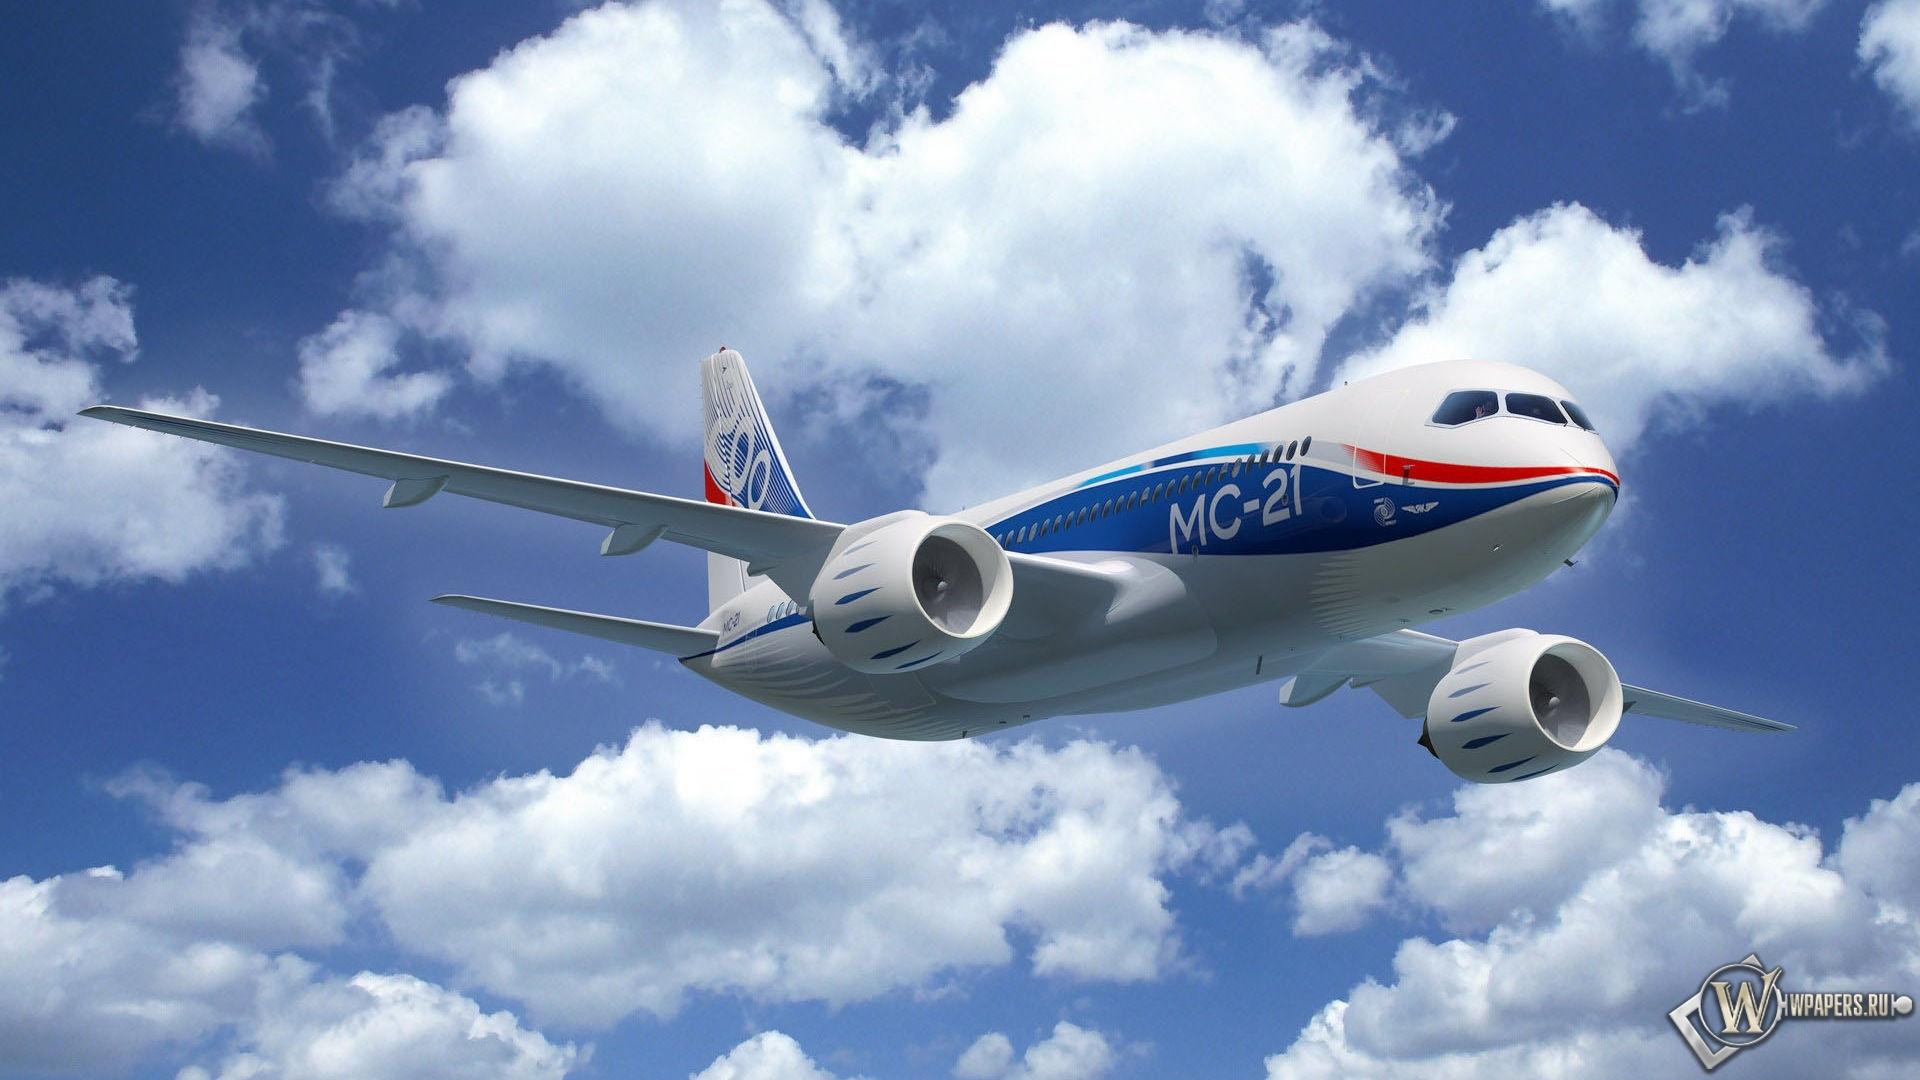 Самолет MC-21 1920x1080